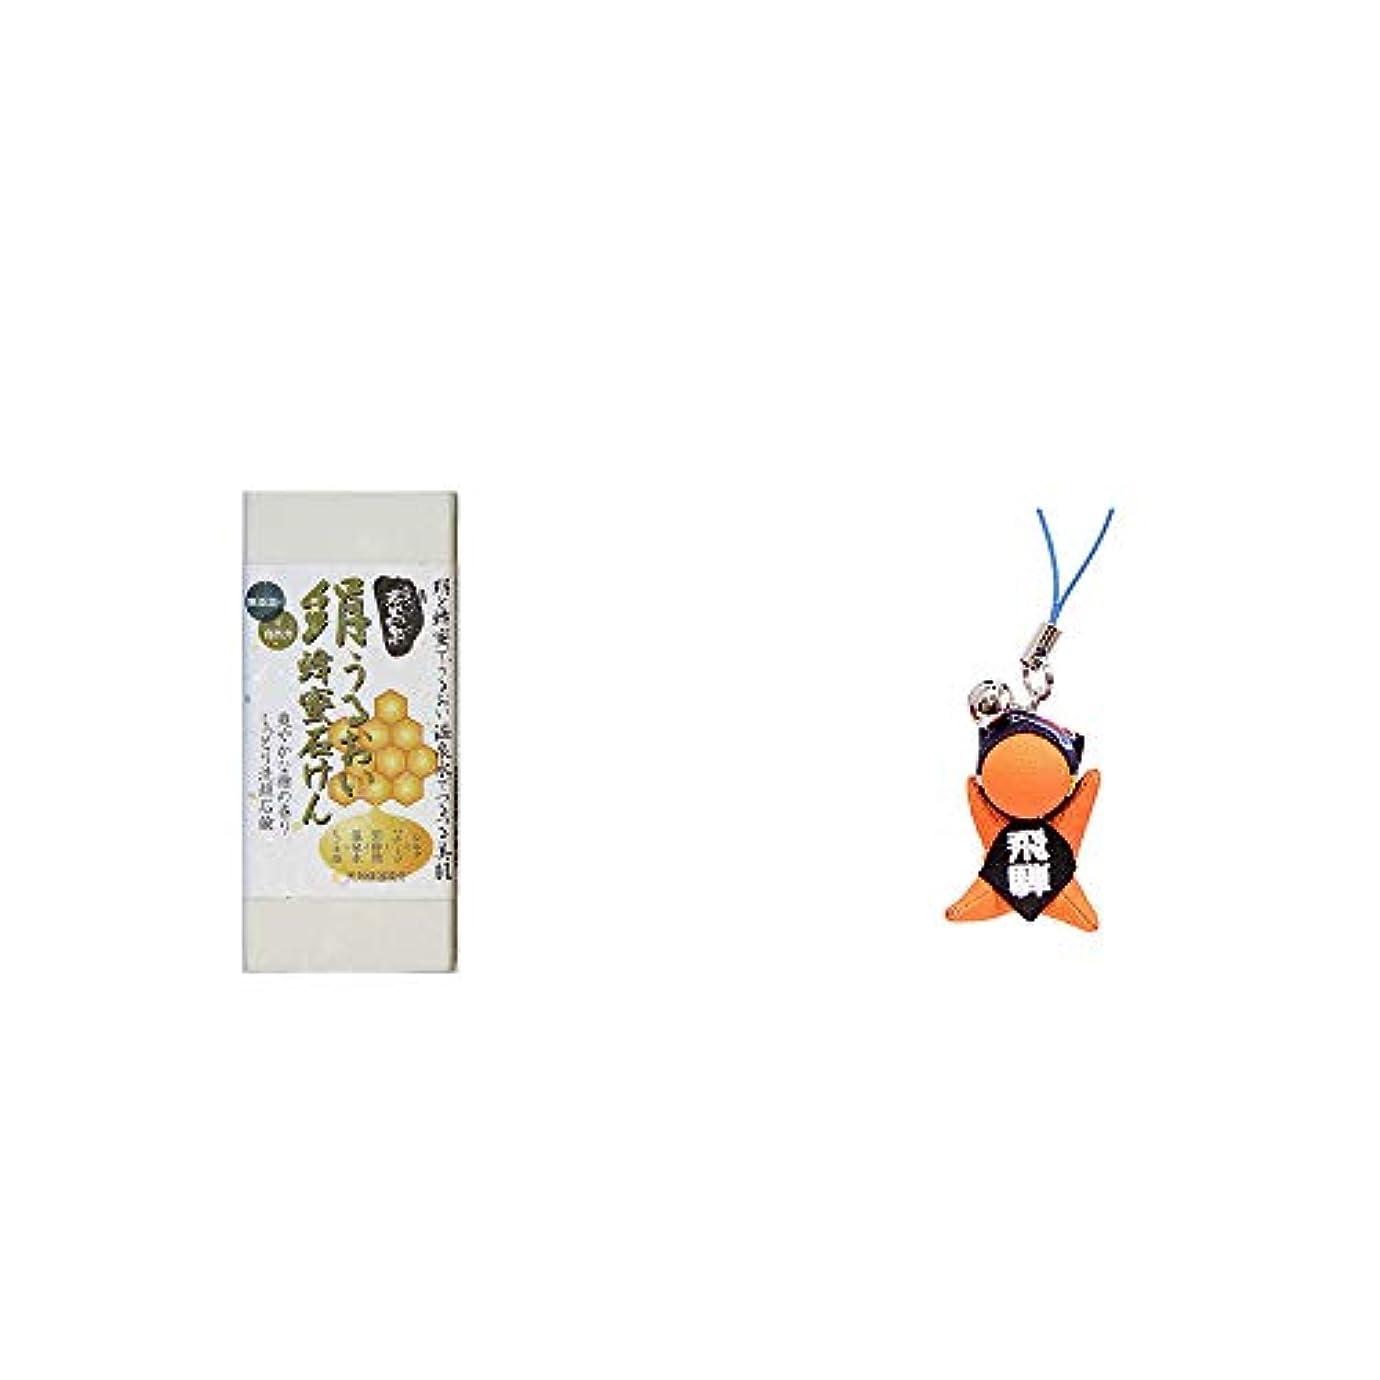 スリム耐えられる噛む[2点セット] ひのき炭黒泉 絹うるおい蜂蜜石けん(75g×2)?さるぼぼ幸福ストラップ 【黄】 / 風水カラー全9種類 金運?財運 お守り//